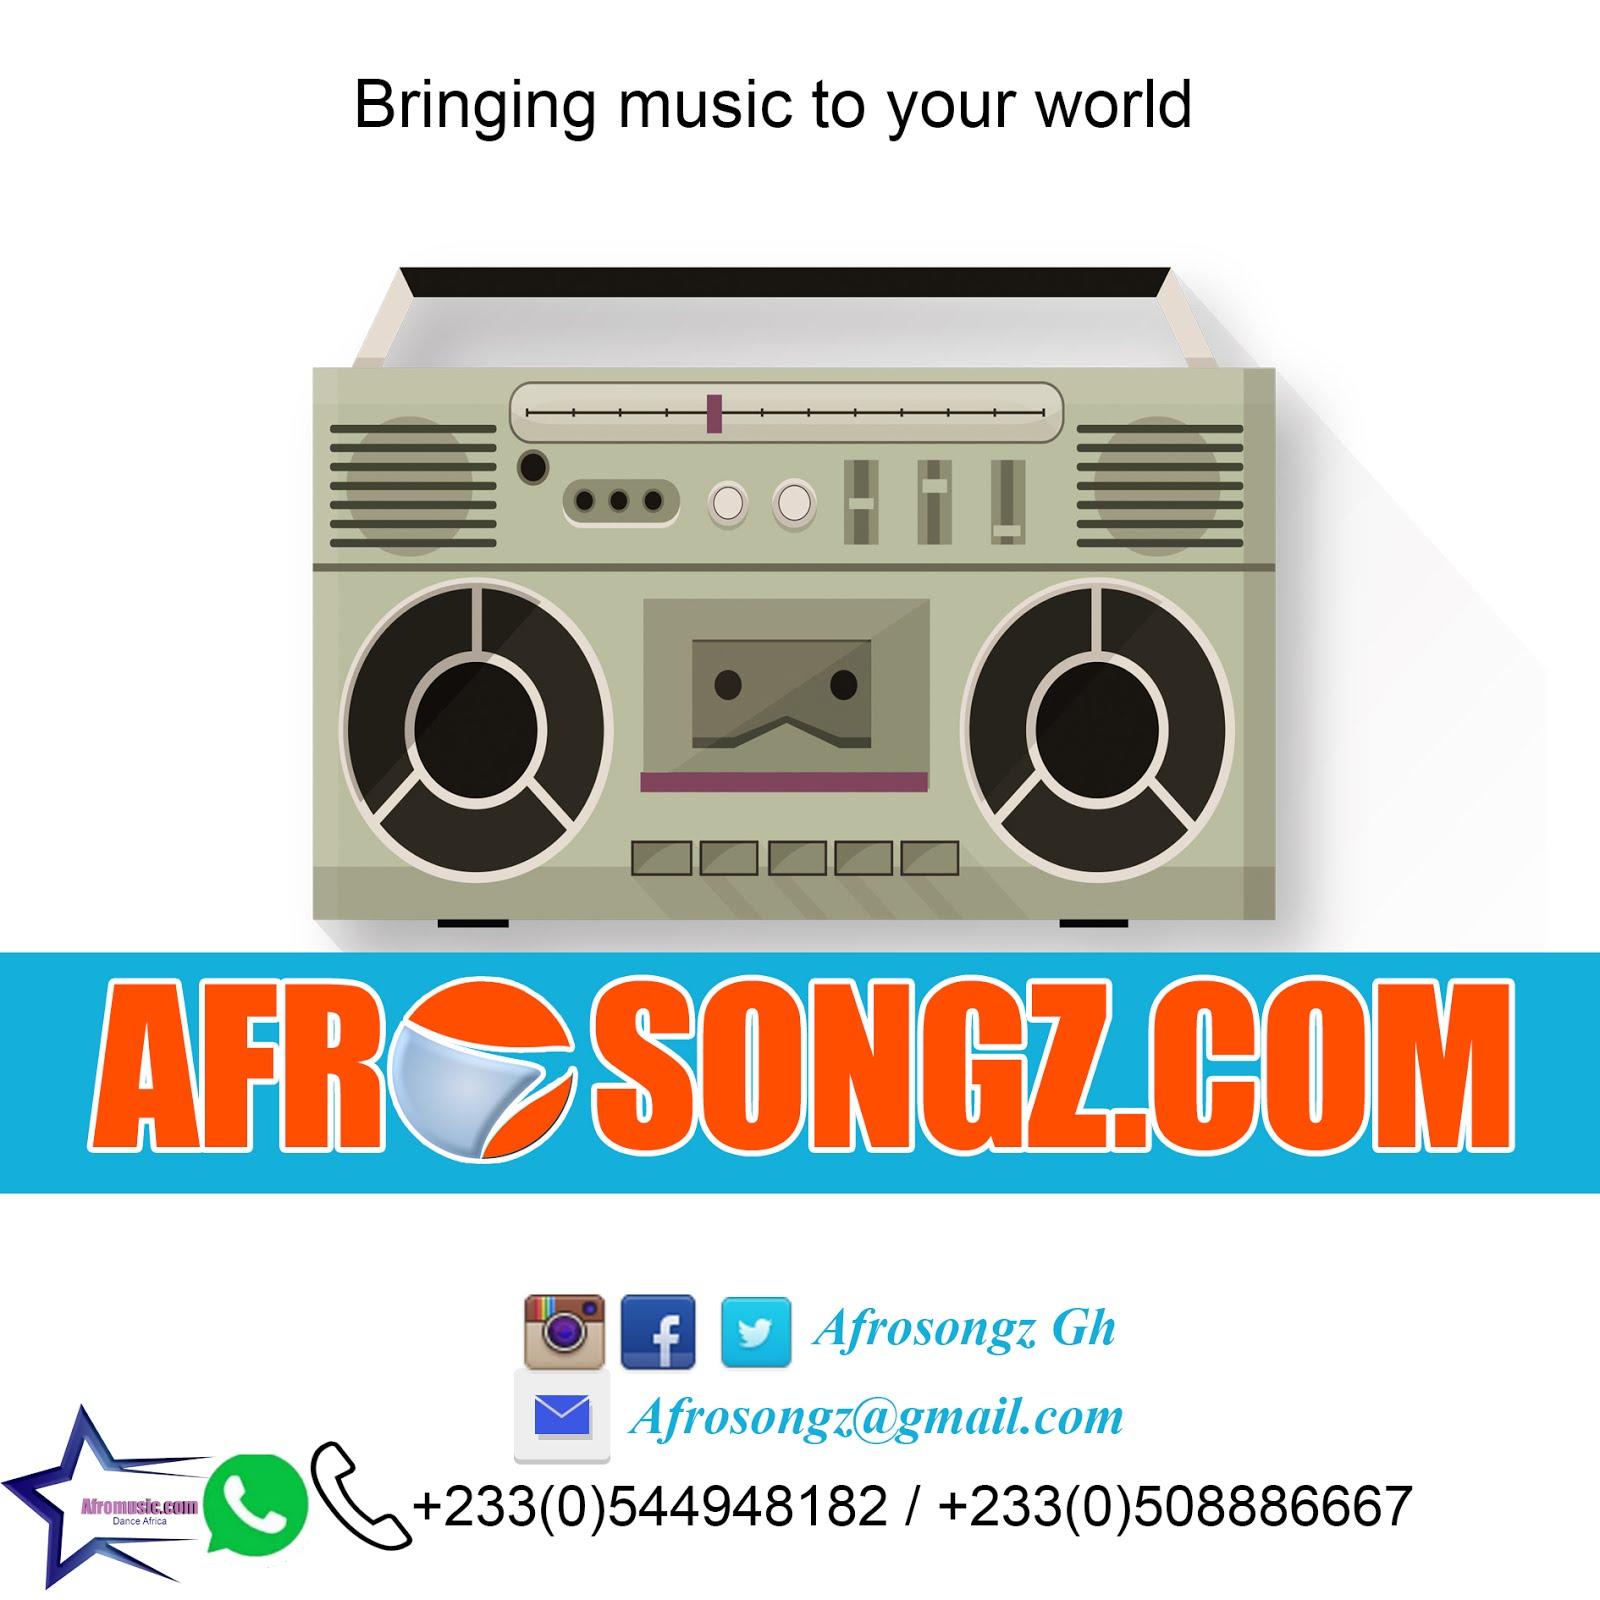 Afrosongz.com